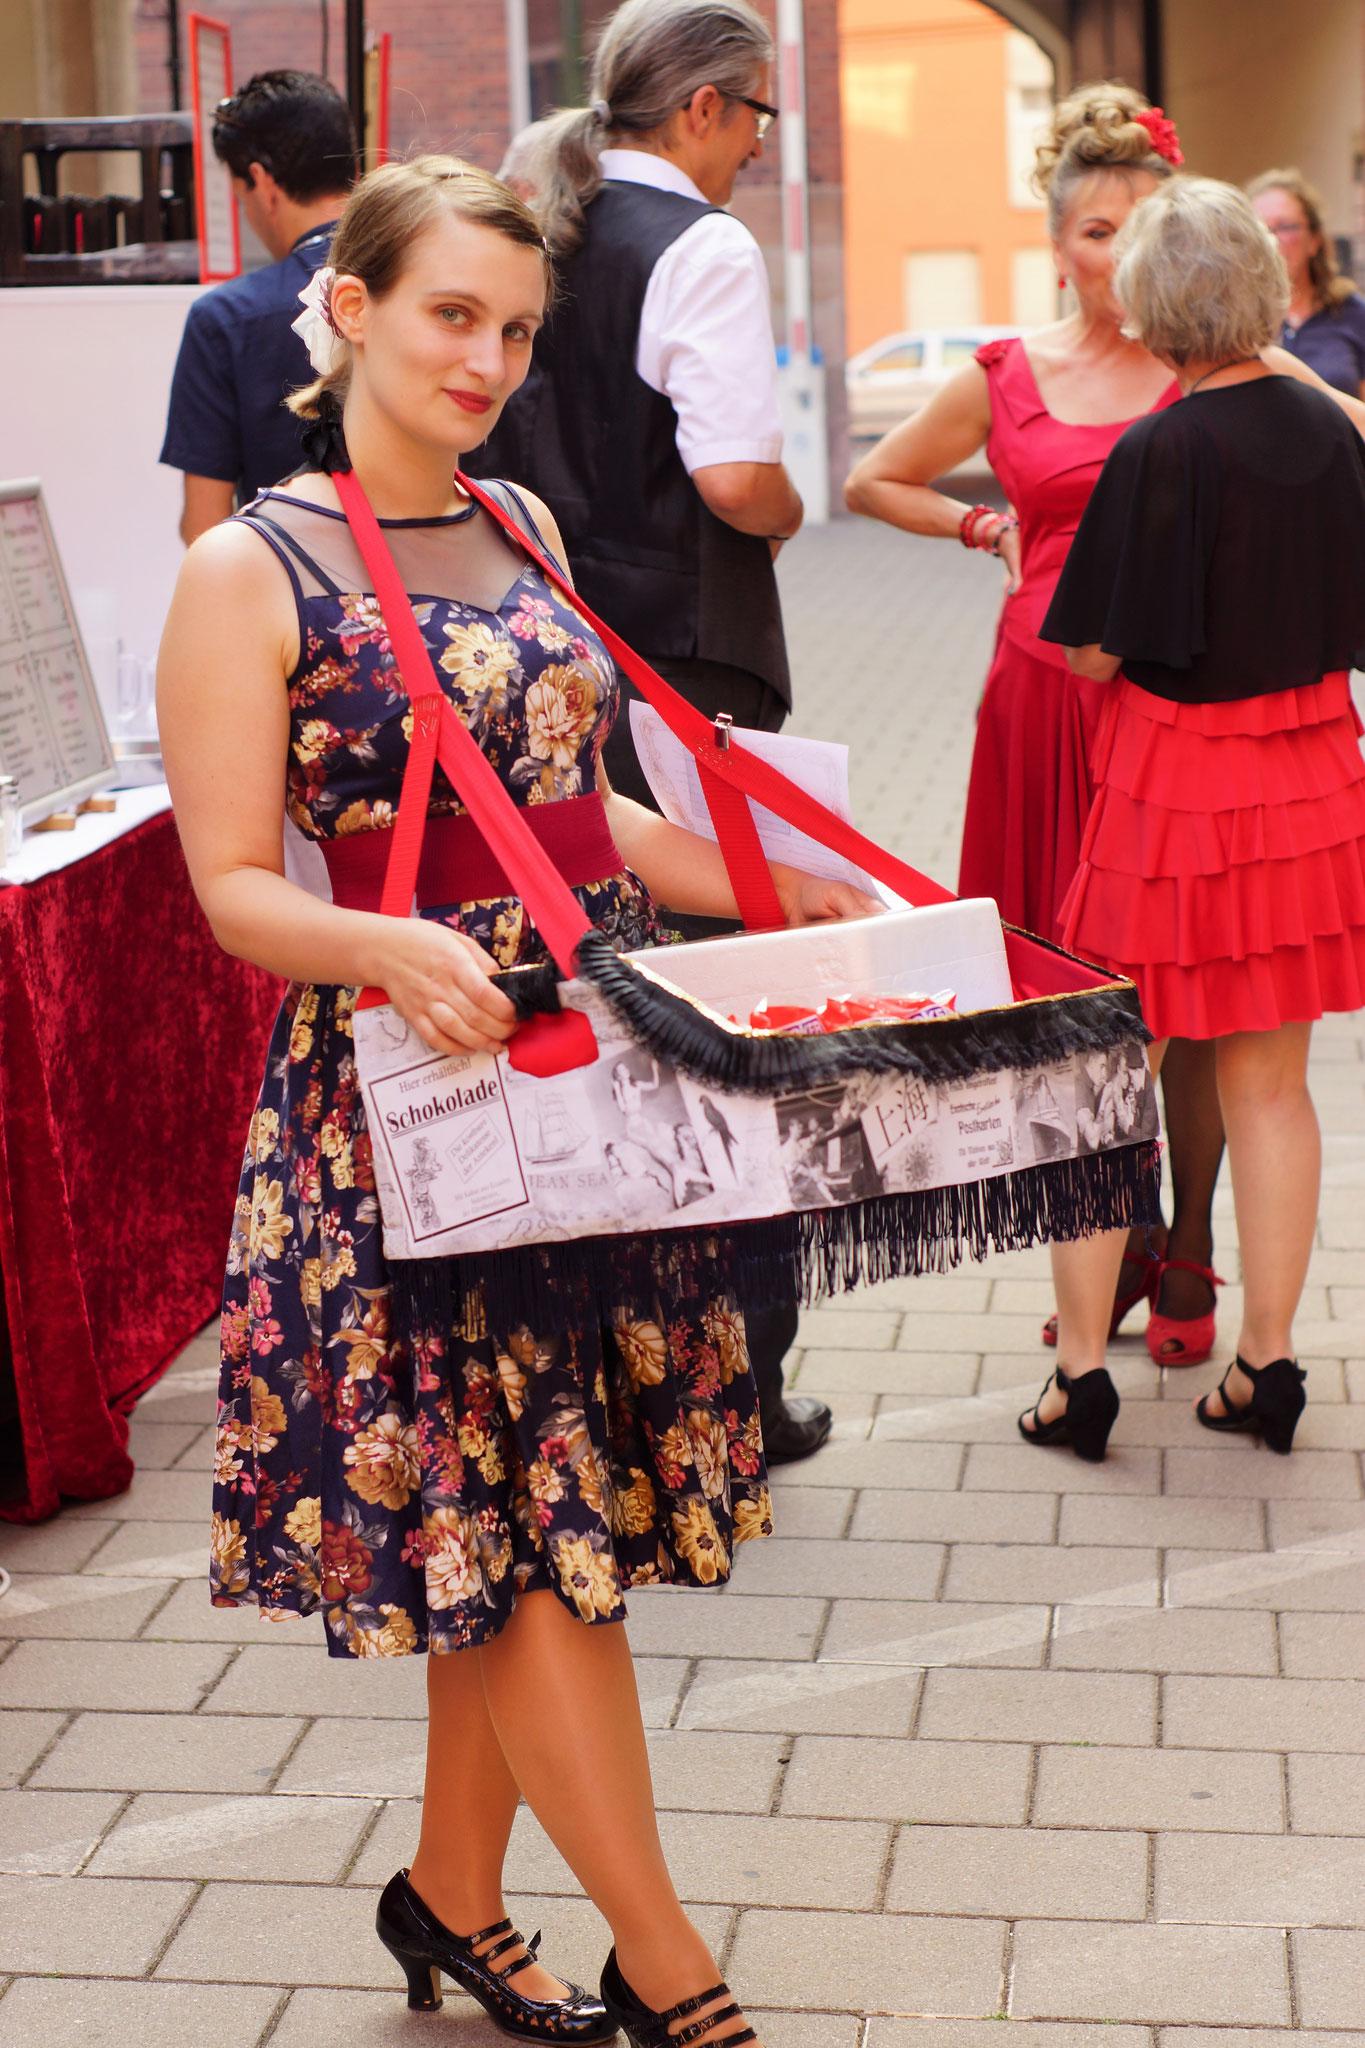 Bauchladenmädchen und Geschichtenerzählerin Franziska Baumann alias Kinky Minsky